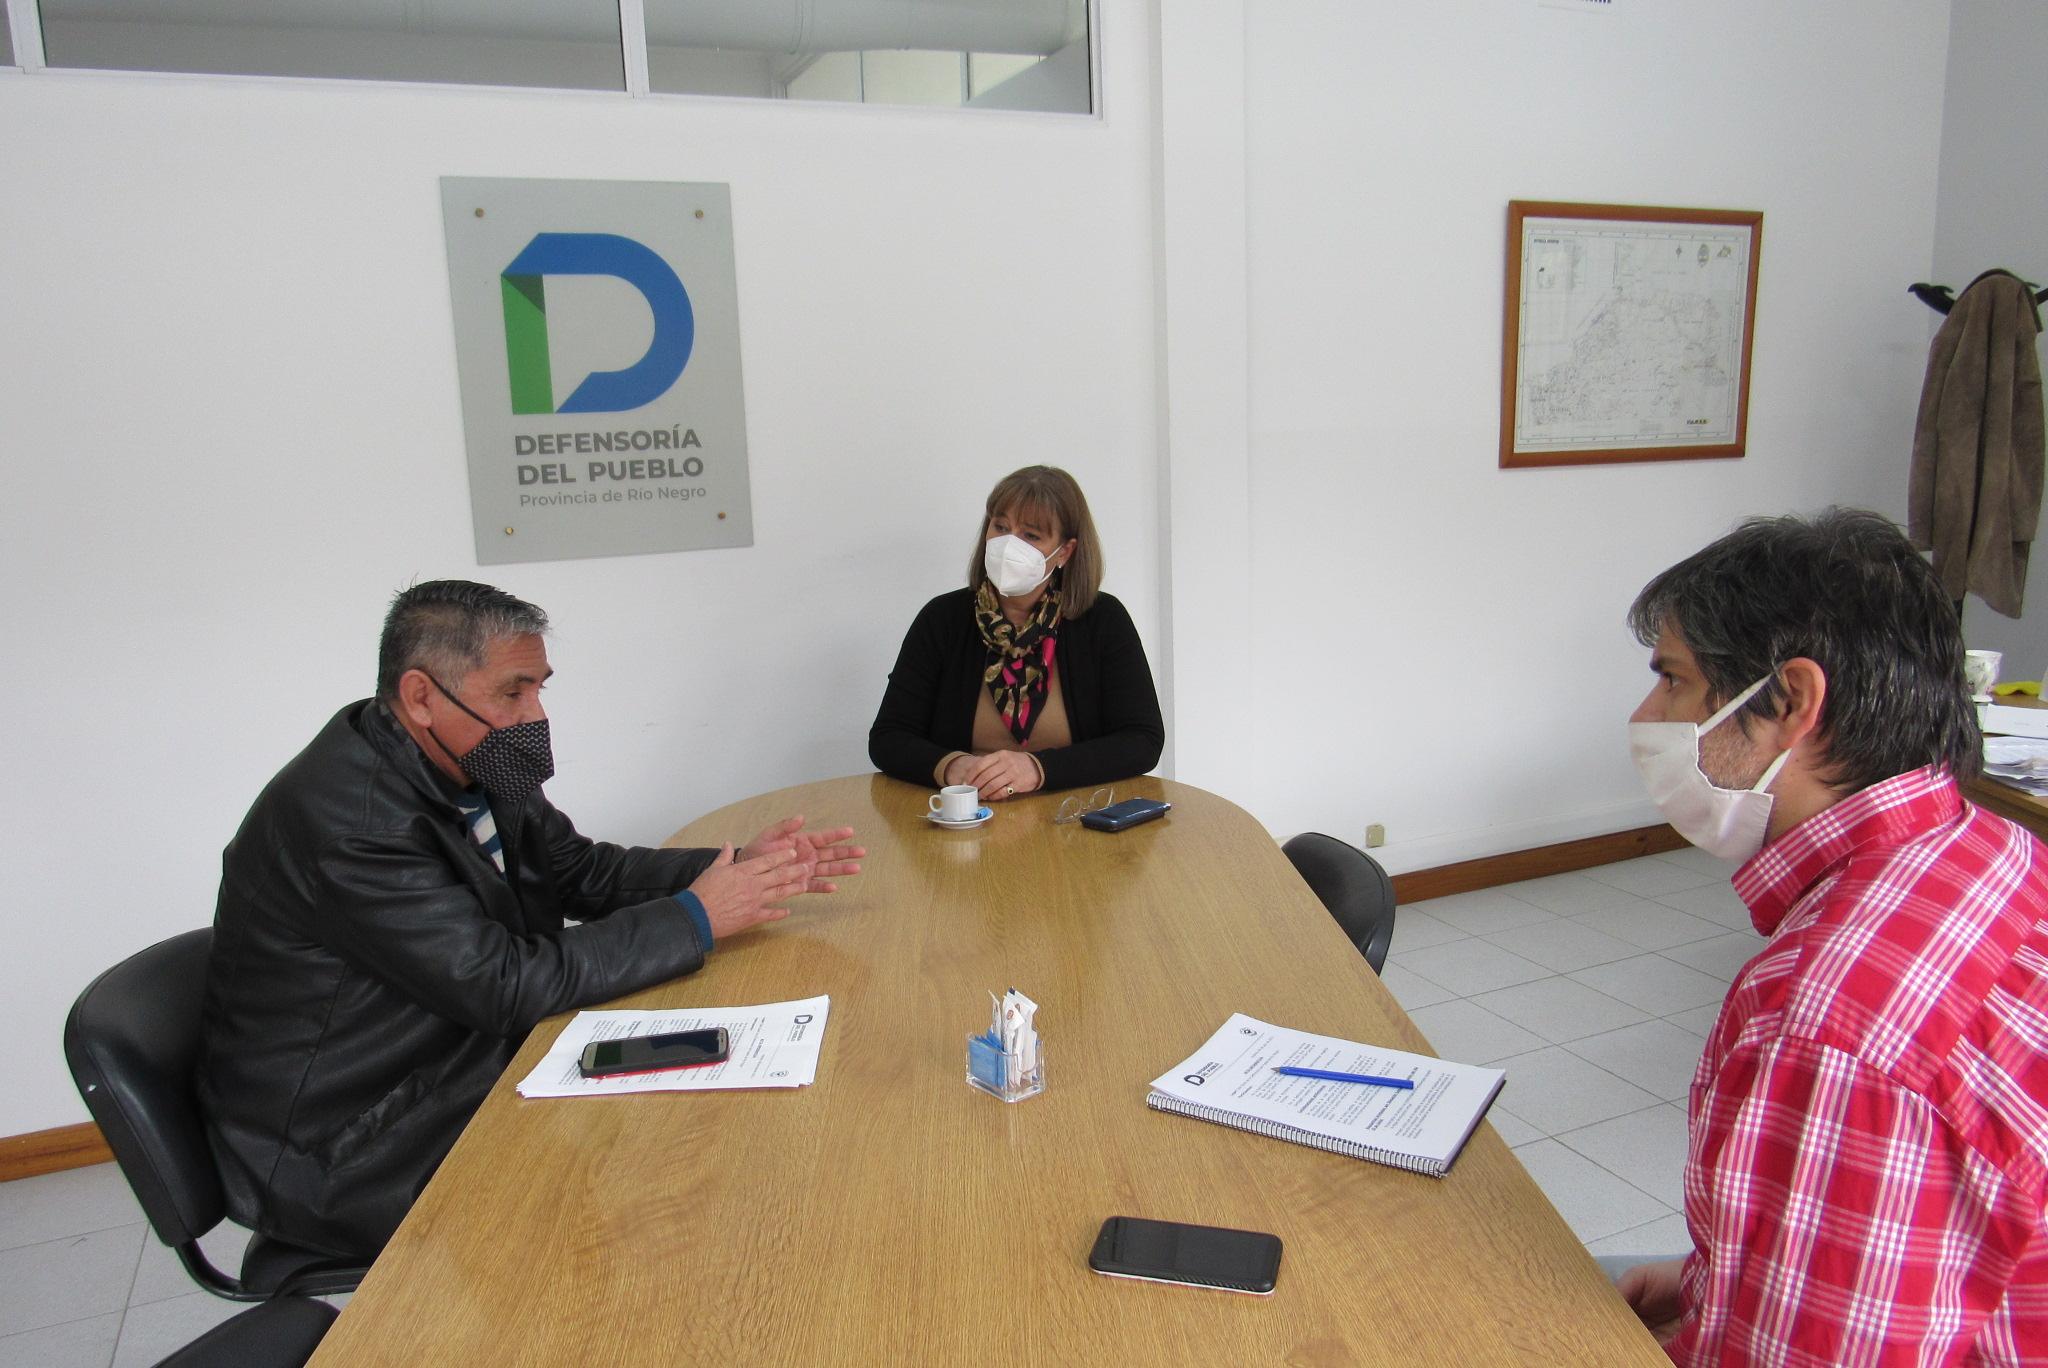 Educación: Santagati recibió al representante de padres y madres del Consejo Provincial de Educación